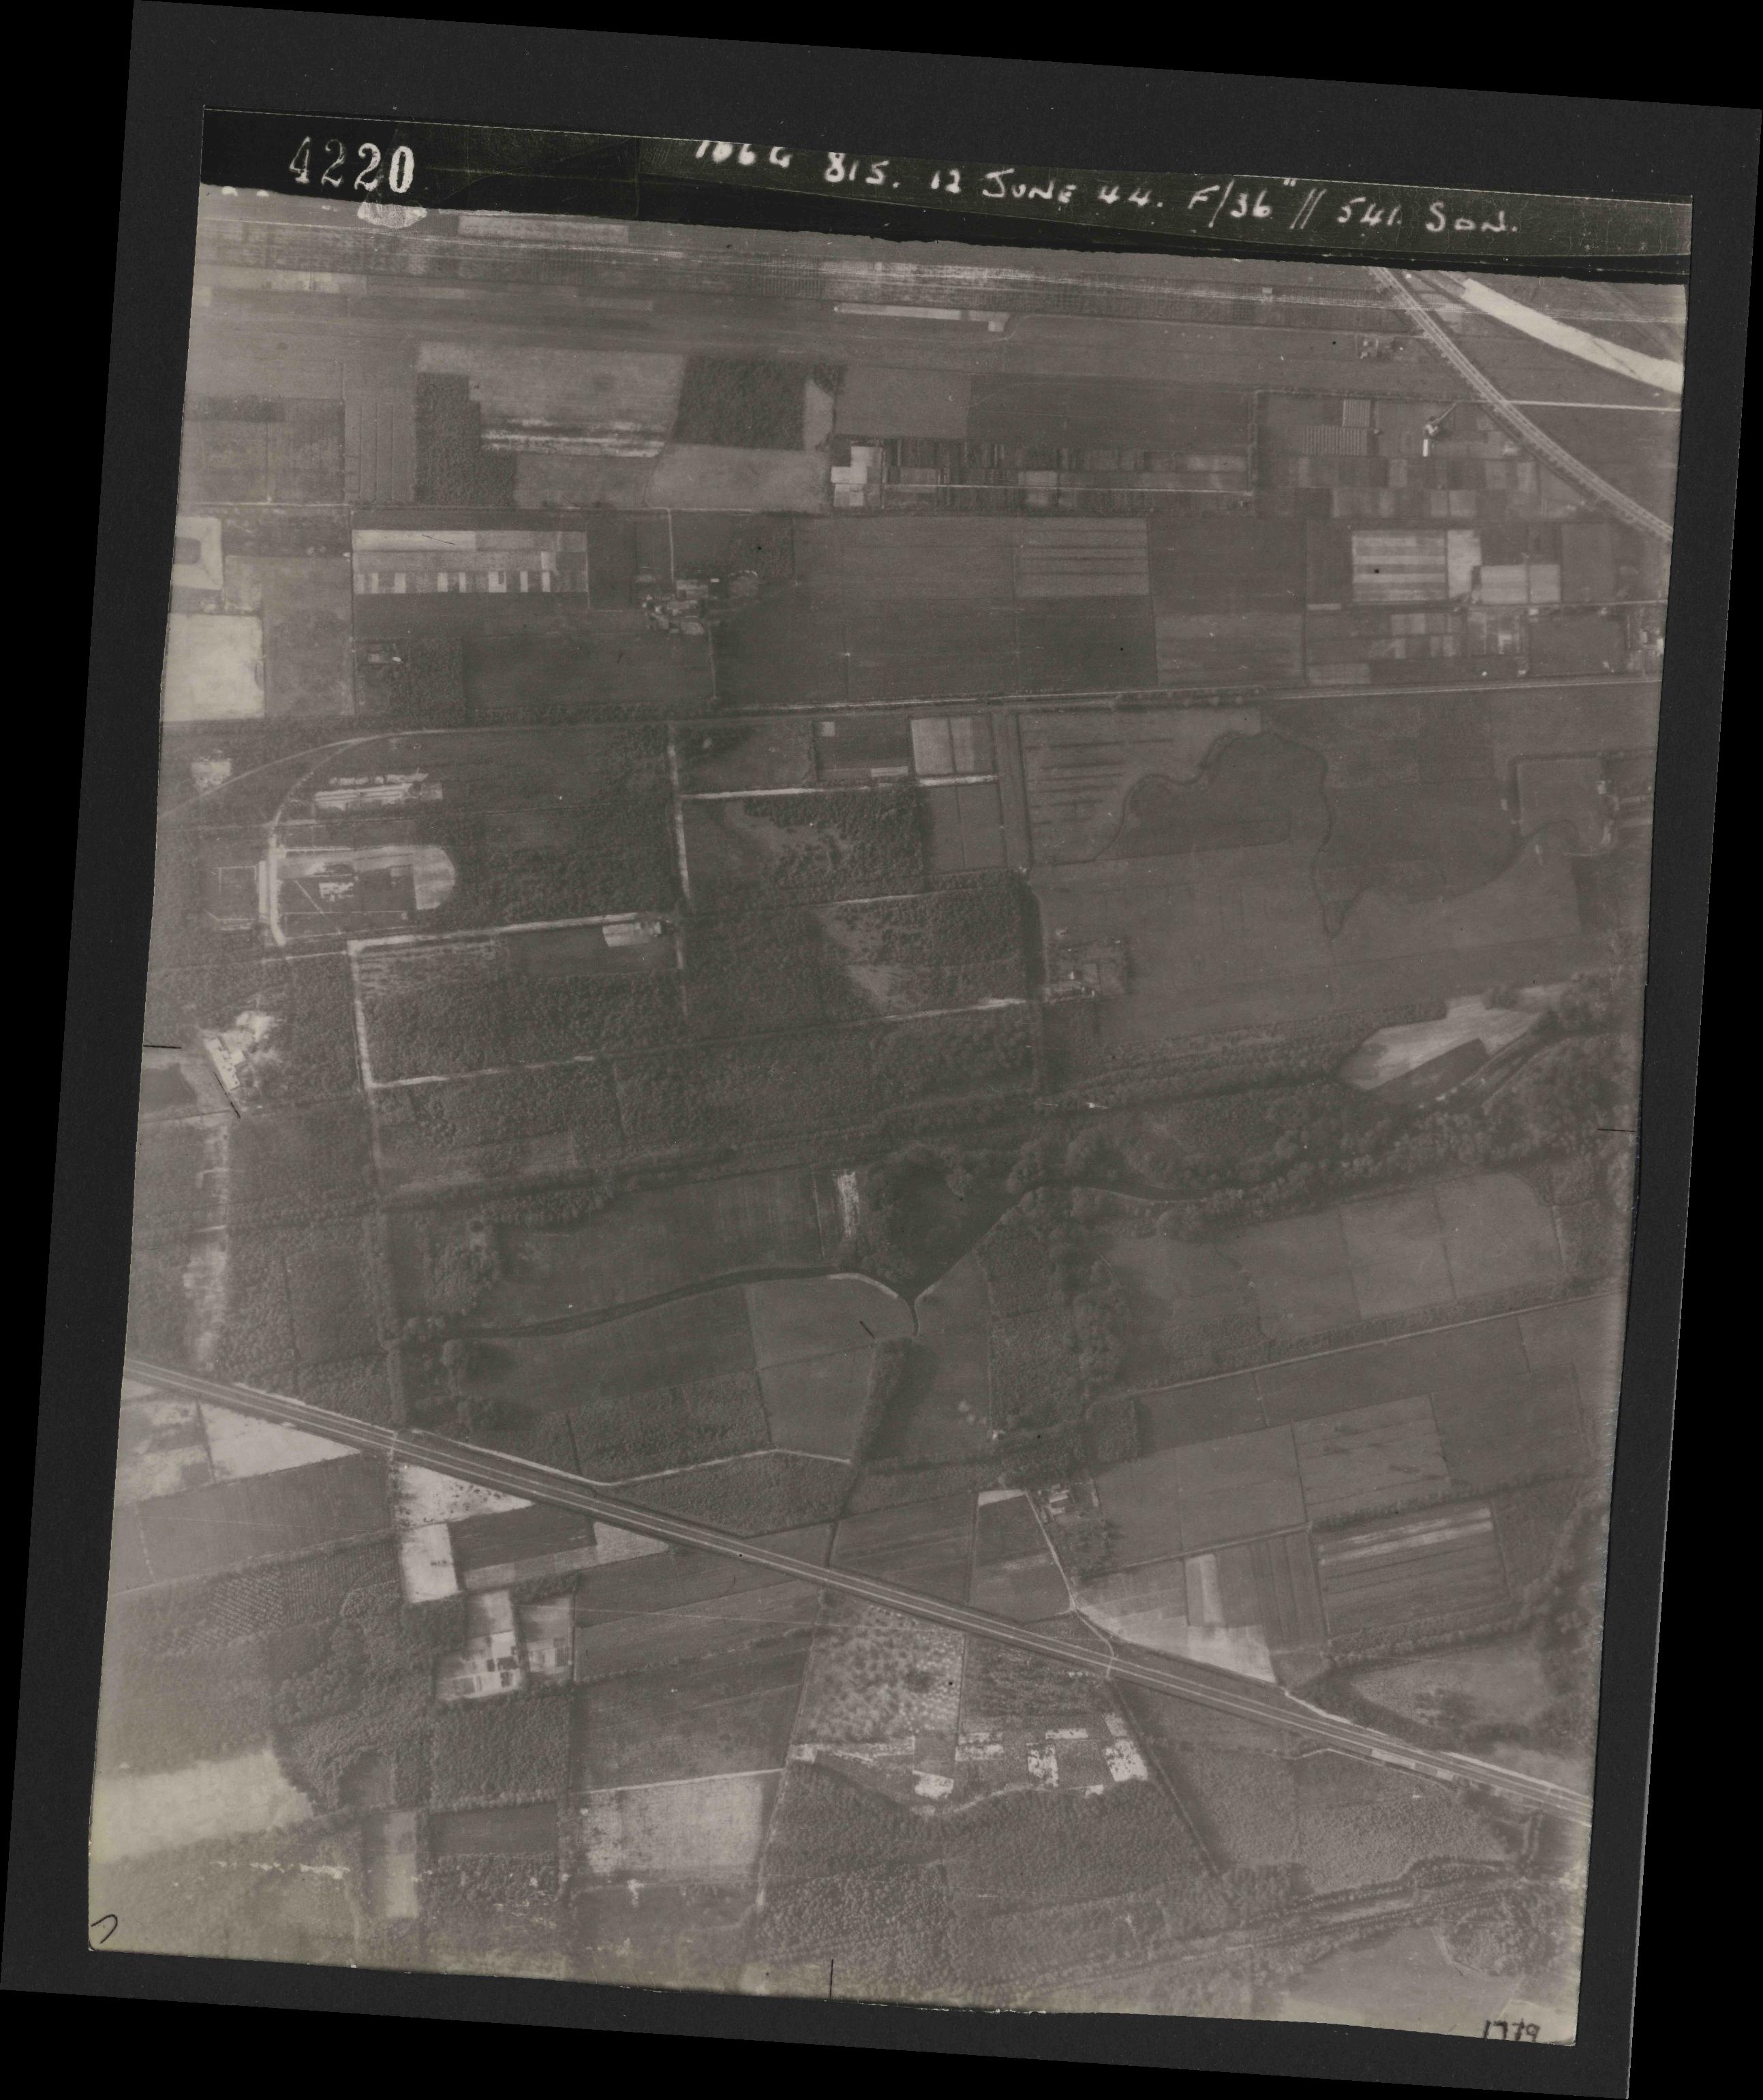 Collection RAF aerial photos 1940-1945 - flight 175, run 05, photo 4220